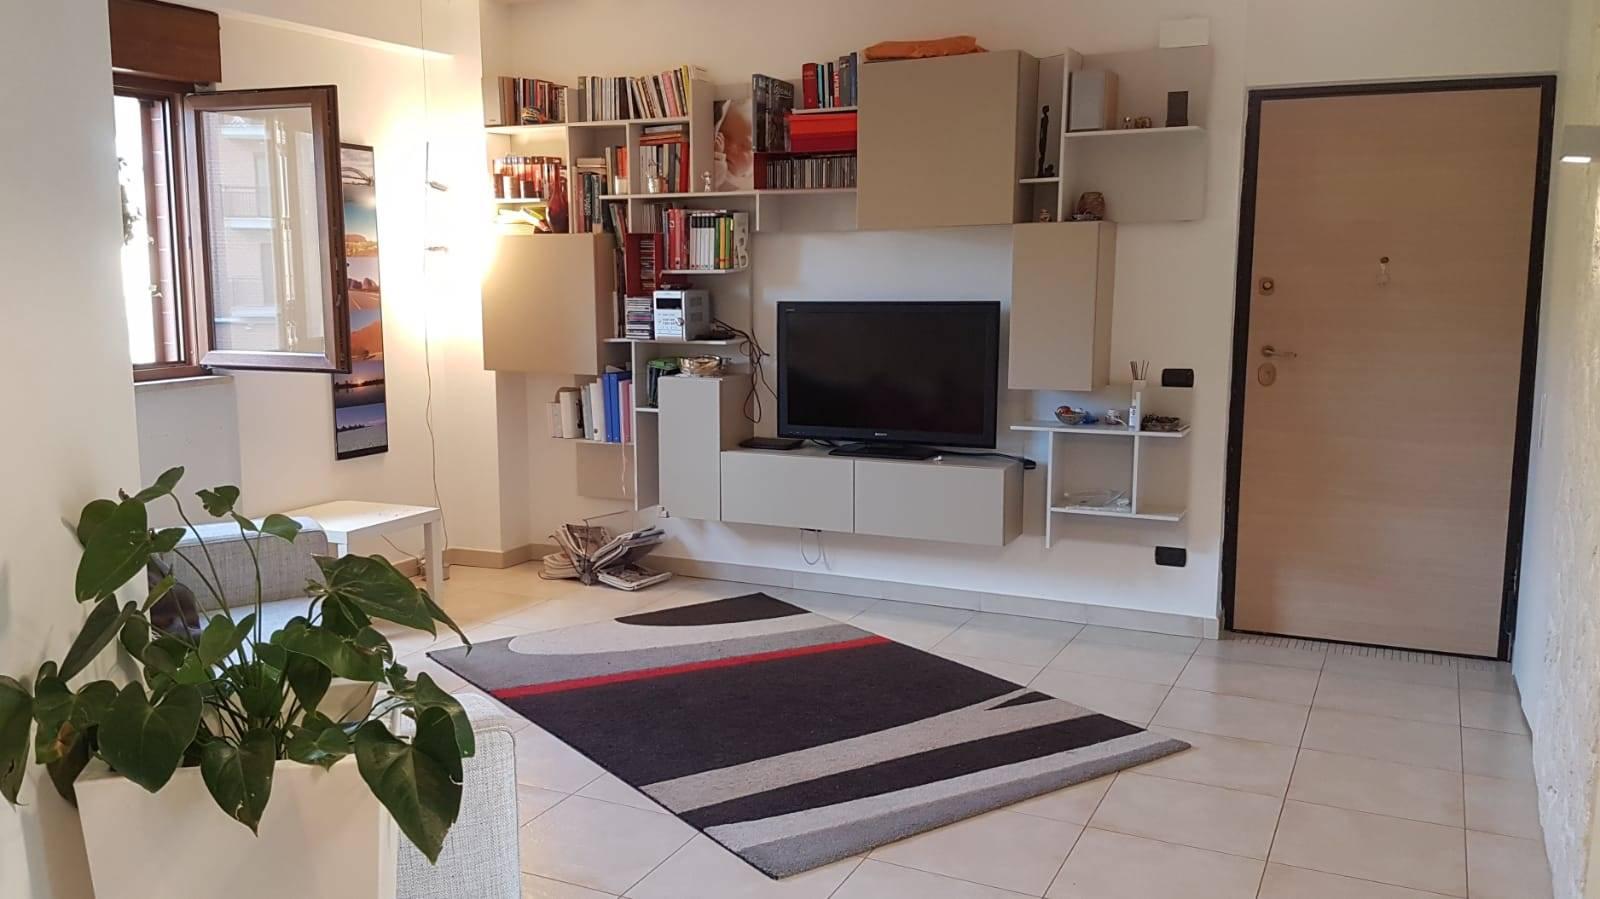 Appartamento in vendita a Potenza, 4 locali, zona hia Romana Edilizia Privata, prezzo € 214.000 | PortaleAgenzieImmobiliari.it